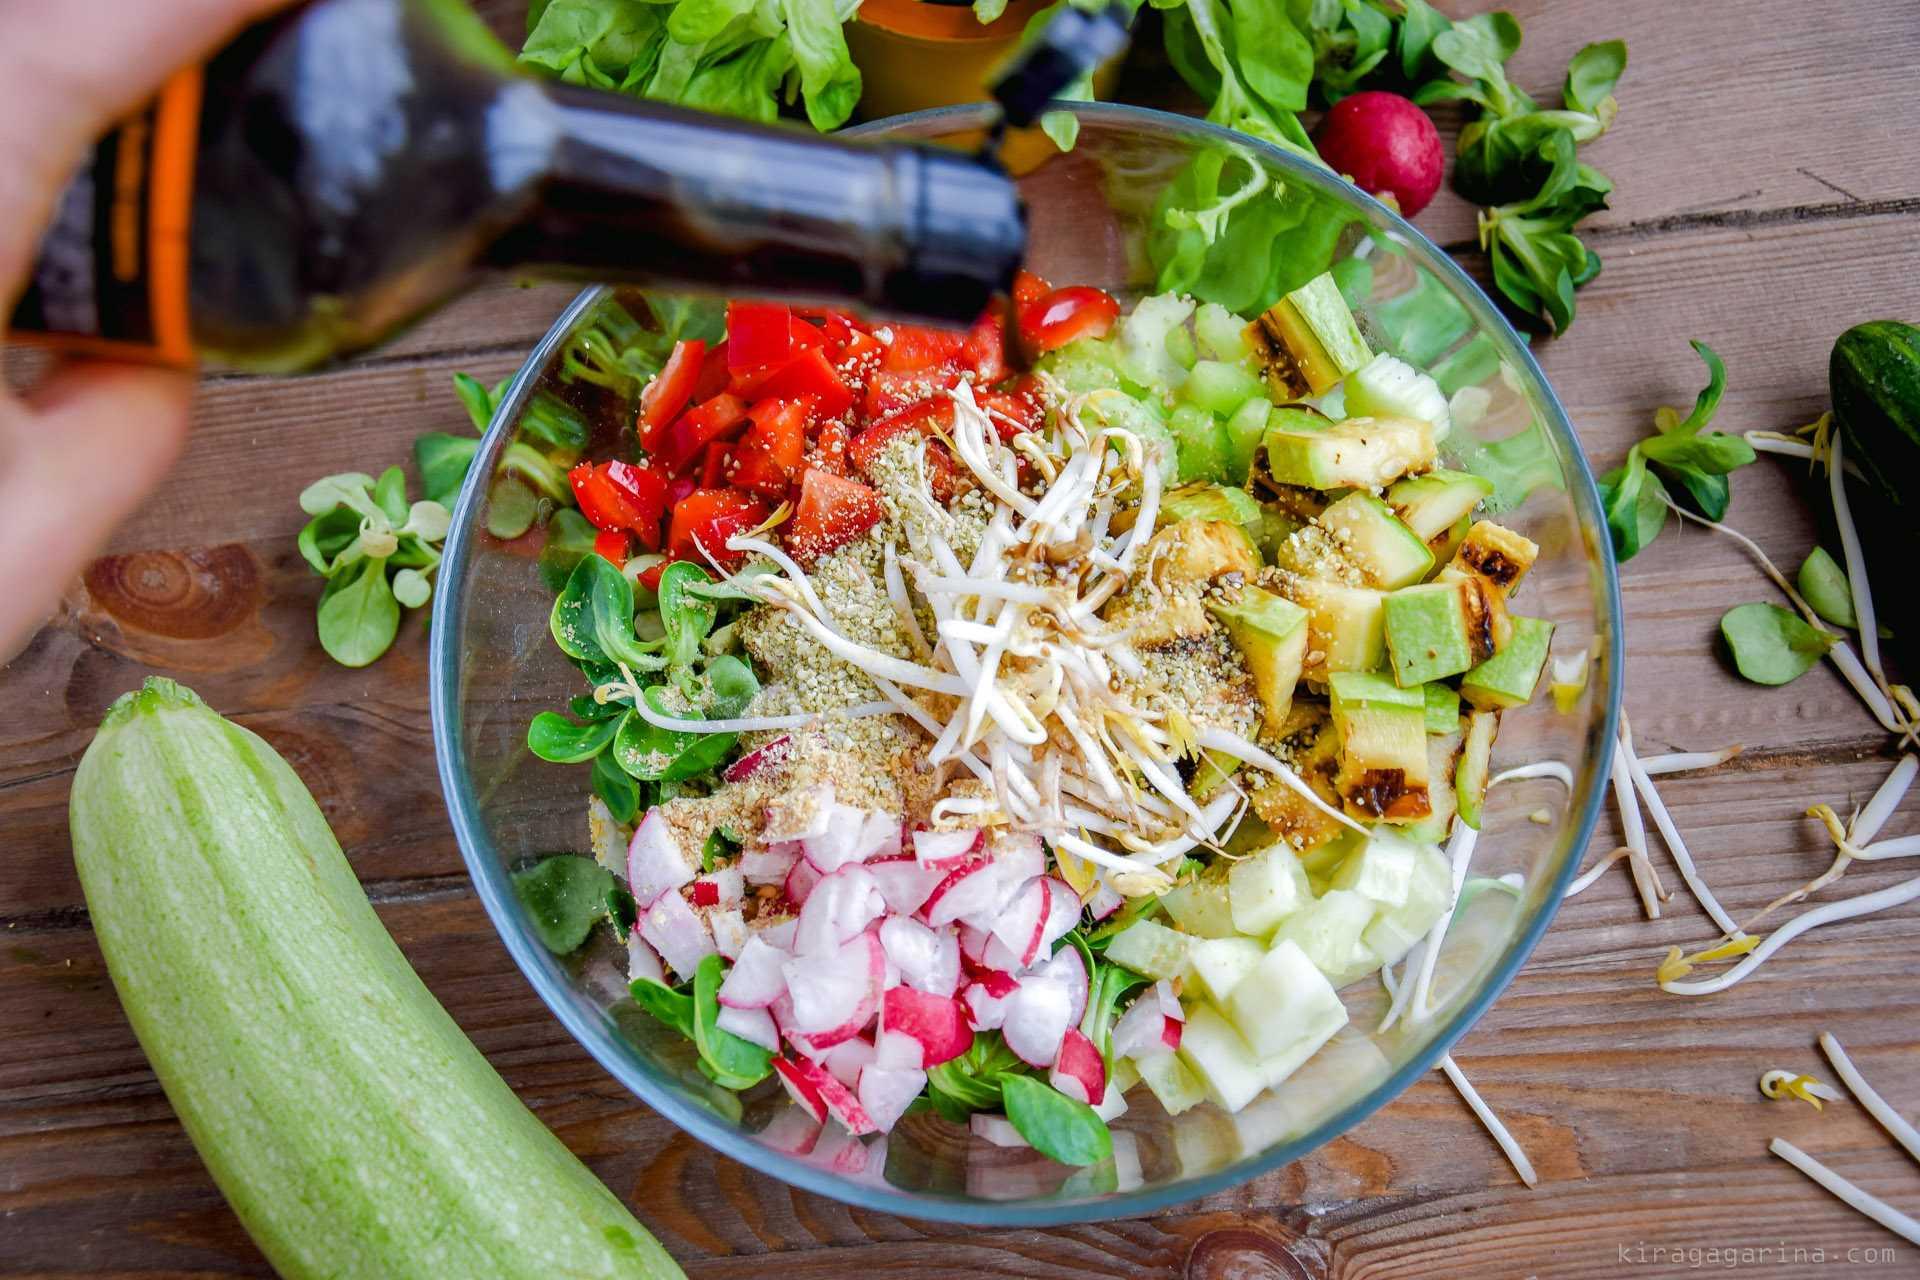 Салат с сельдереем - изысканное и одновременно простое блюдо: рецепт с фото и видео